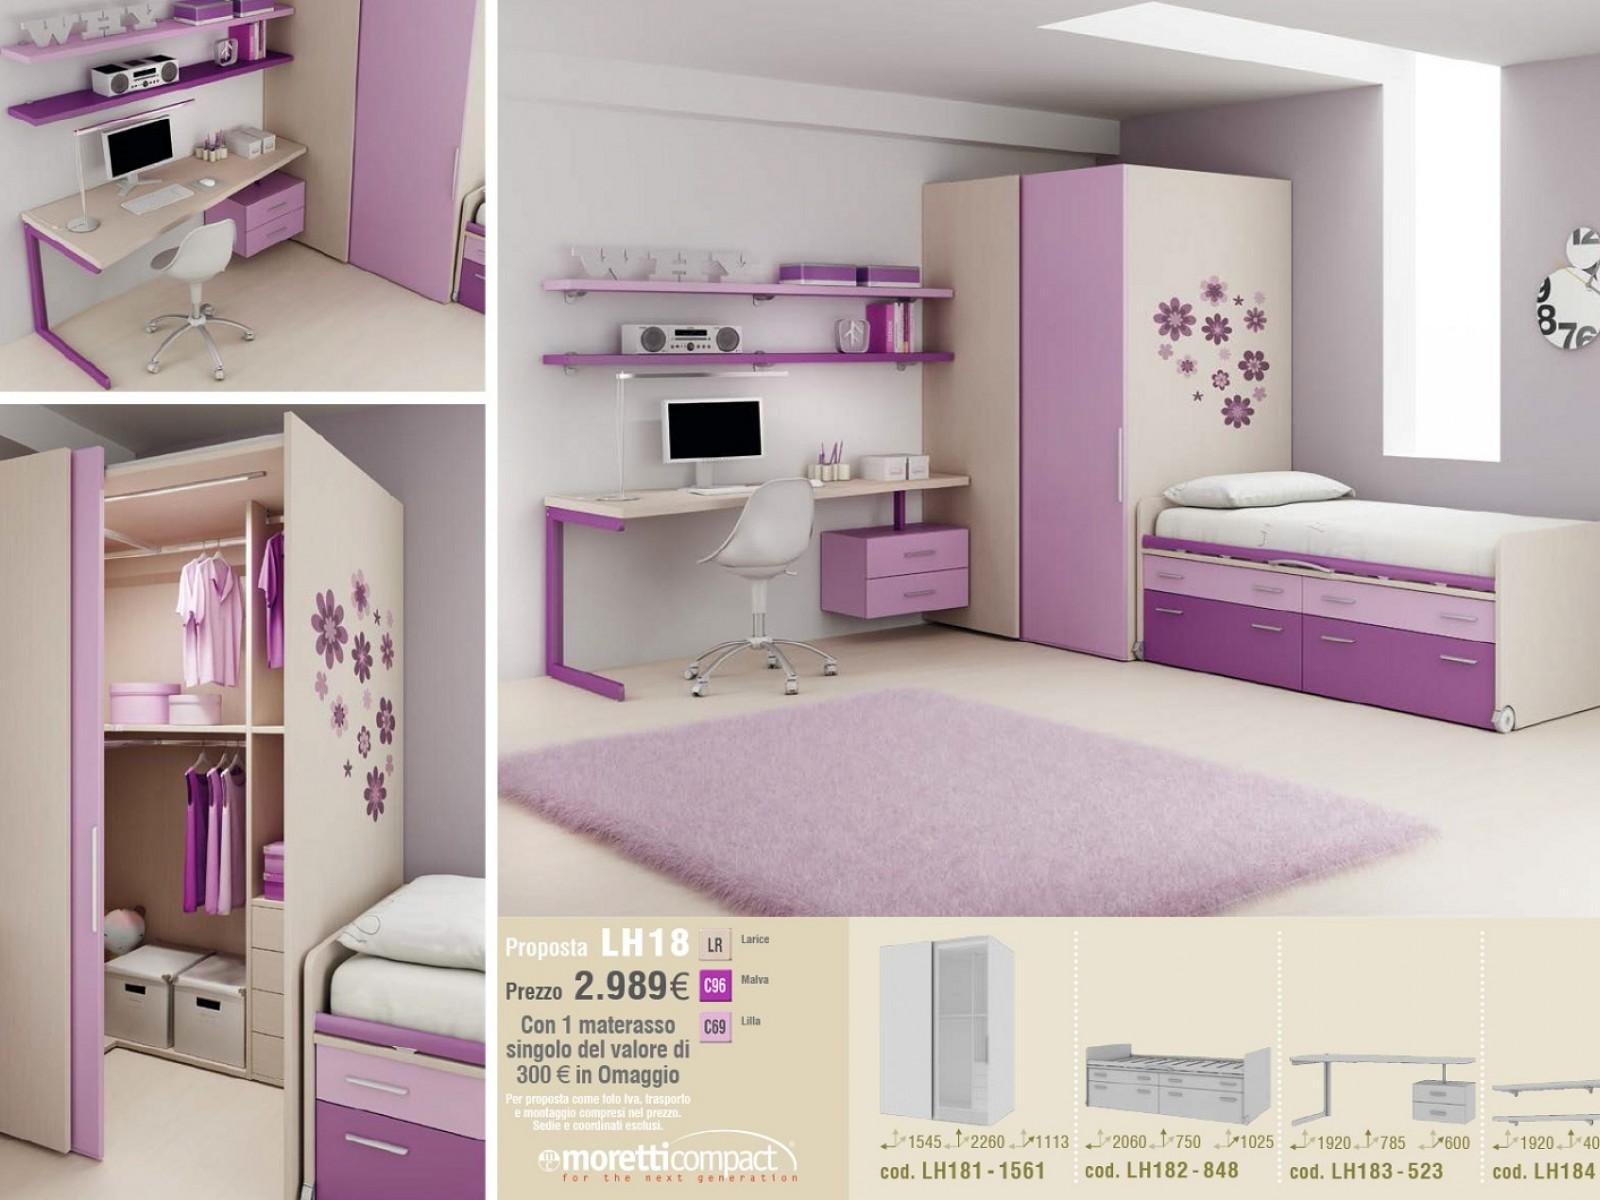 Moretti Compact Sirius. Bedrooms By Moretti Compact Diotti Auf ...